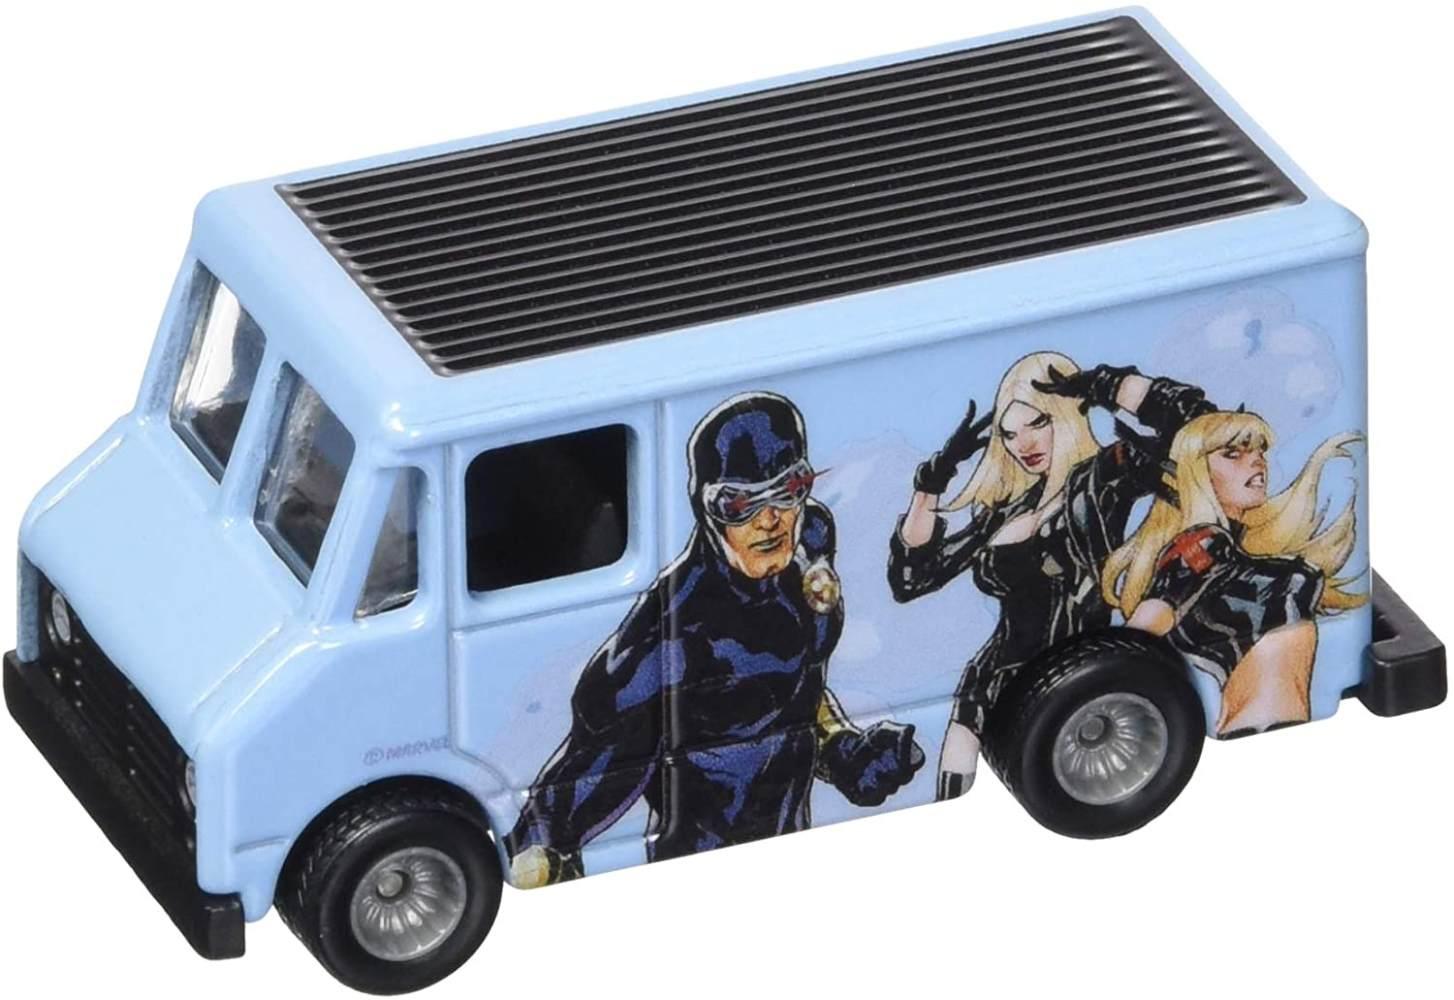 Cars Mattel DLB45 - Combat Medic - Pop Culture X-Men | Hot Wheels Premium Auto Set Bild 1